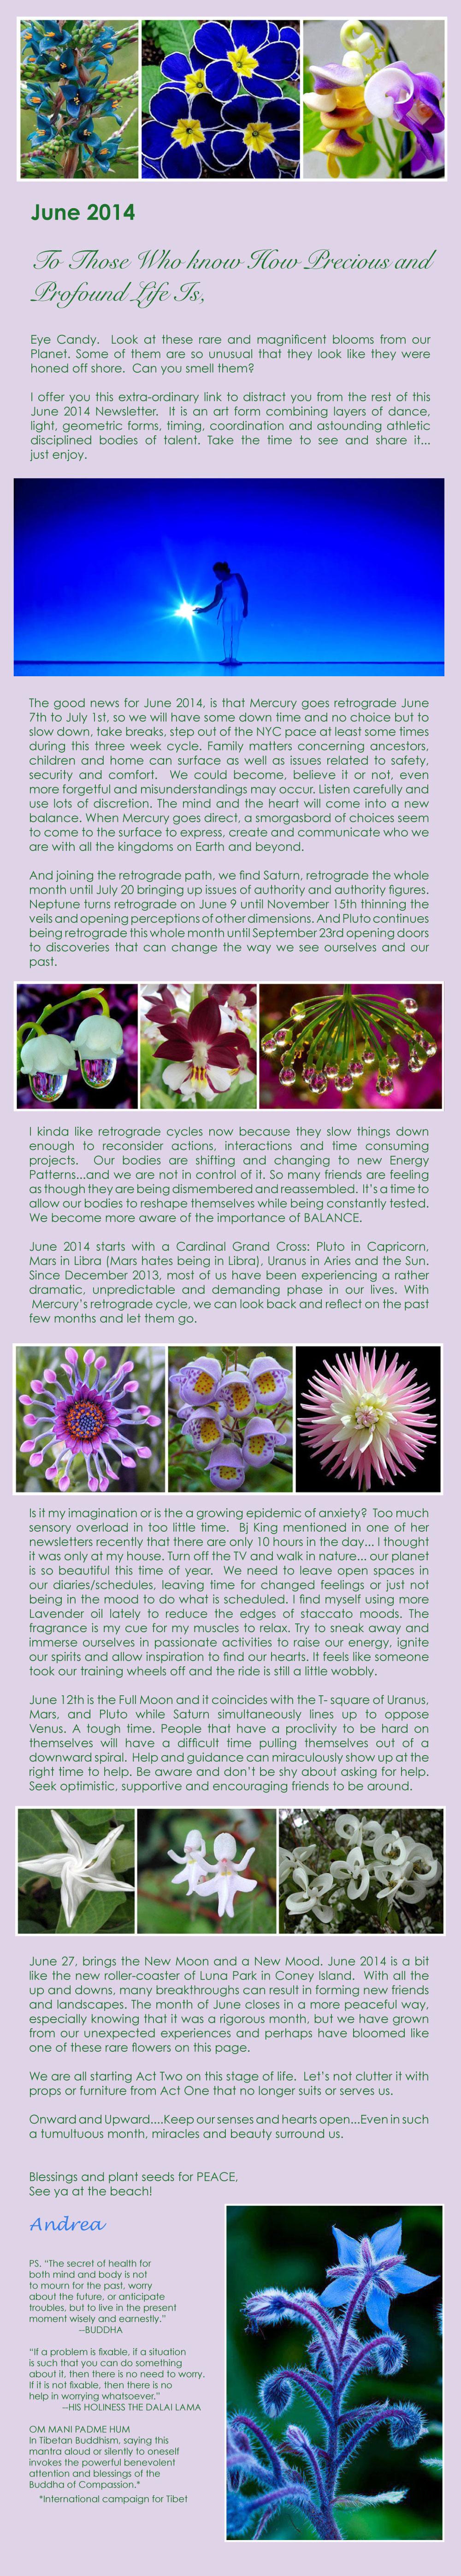 June-Newsletter-2014.jpg